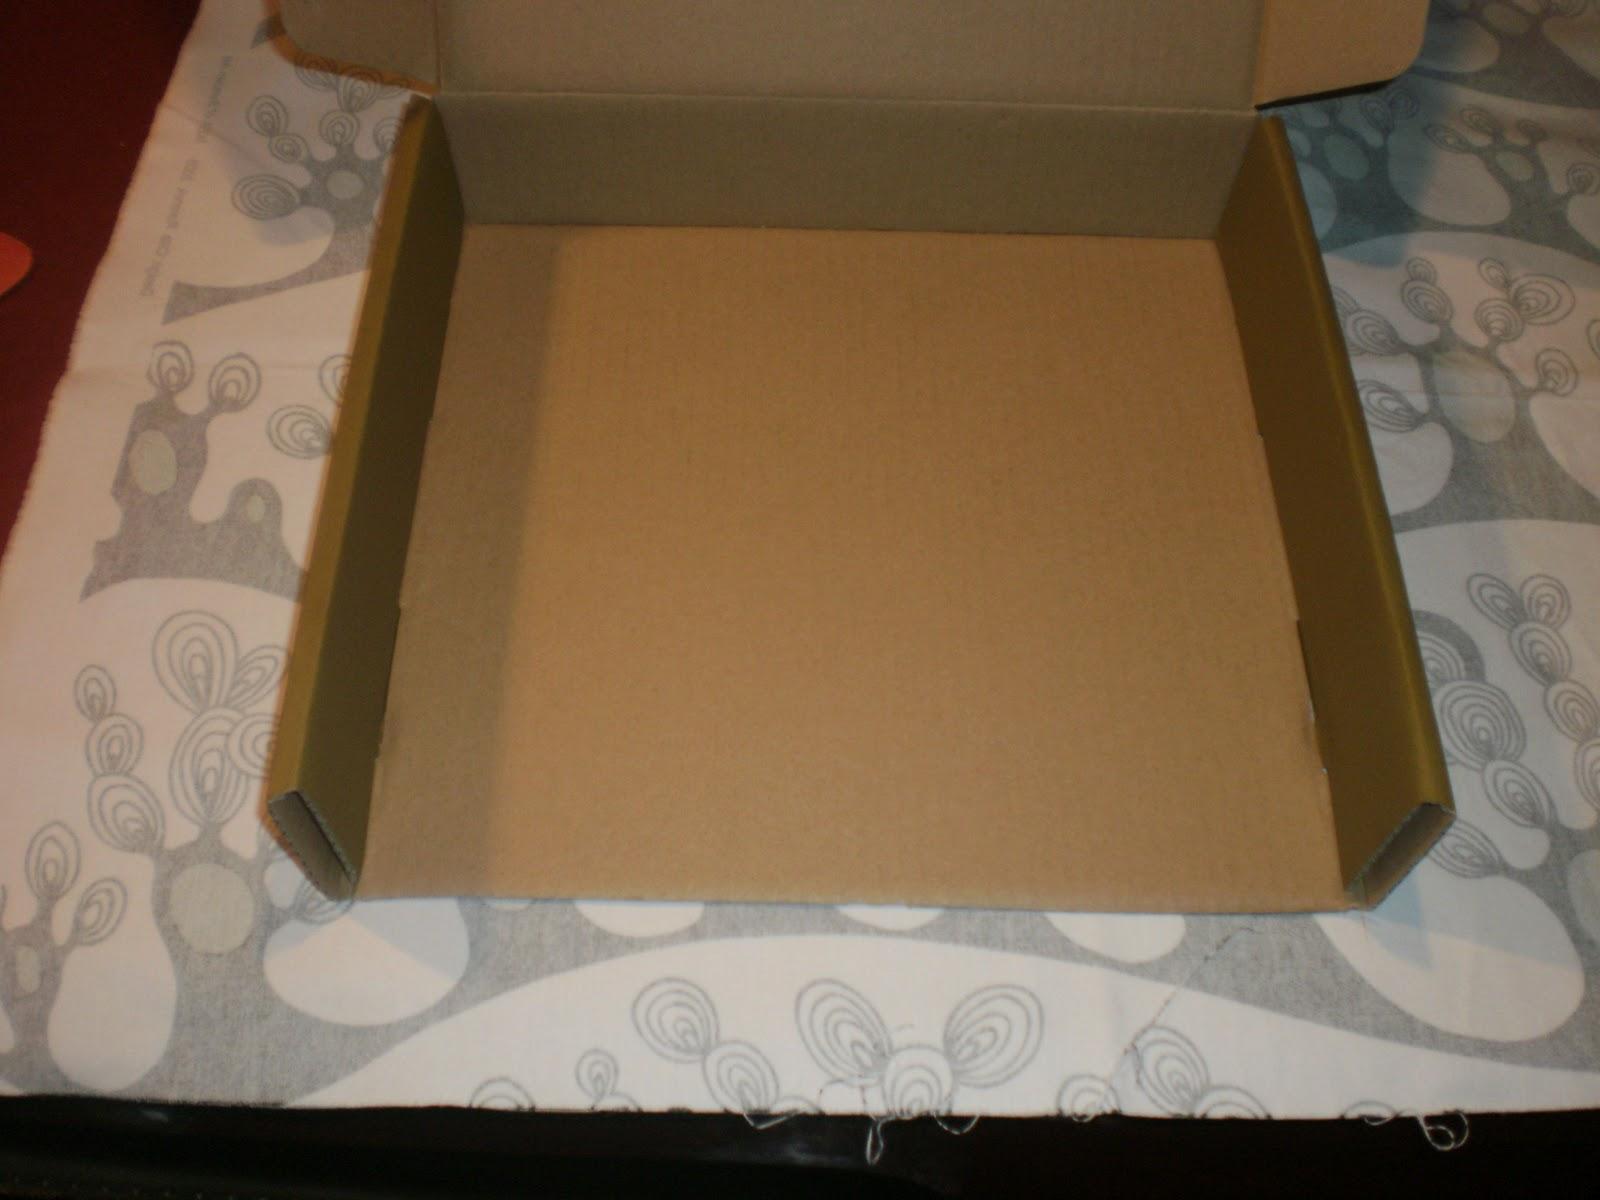 Trapeando hilos y trapos forrar una caja con tela - Forrar cajas de carton con telas ...